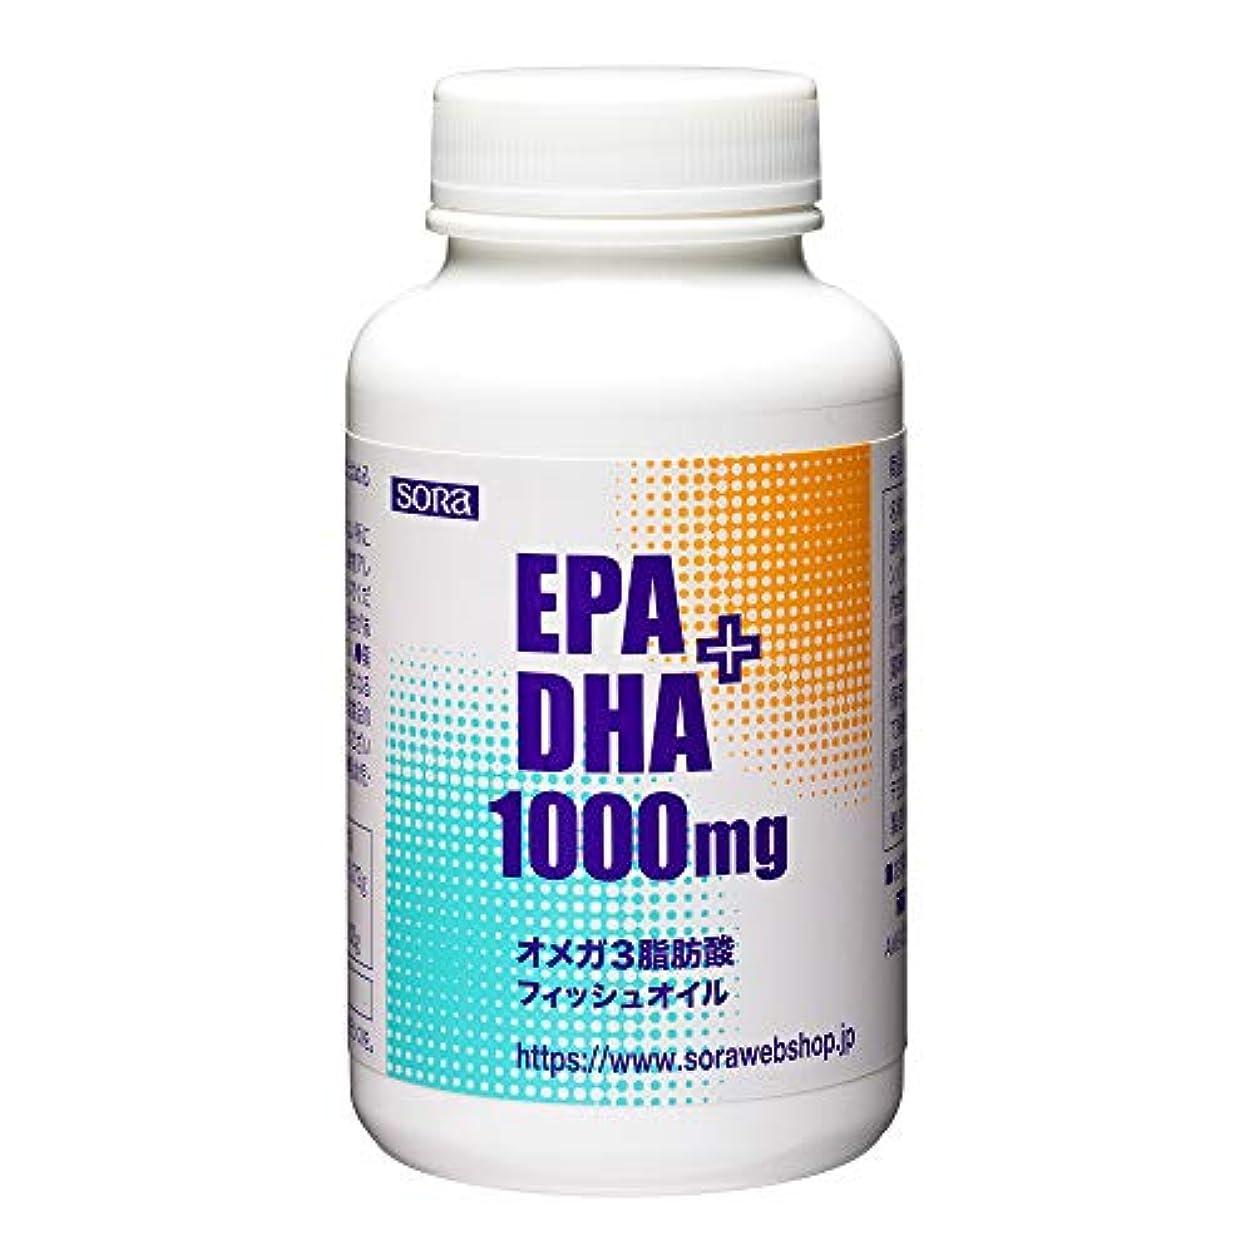 レイアウト矛盾するシンクそら EPA+DHA 1000mg (魚のオイル オメガ3 180粒入)